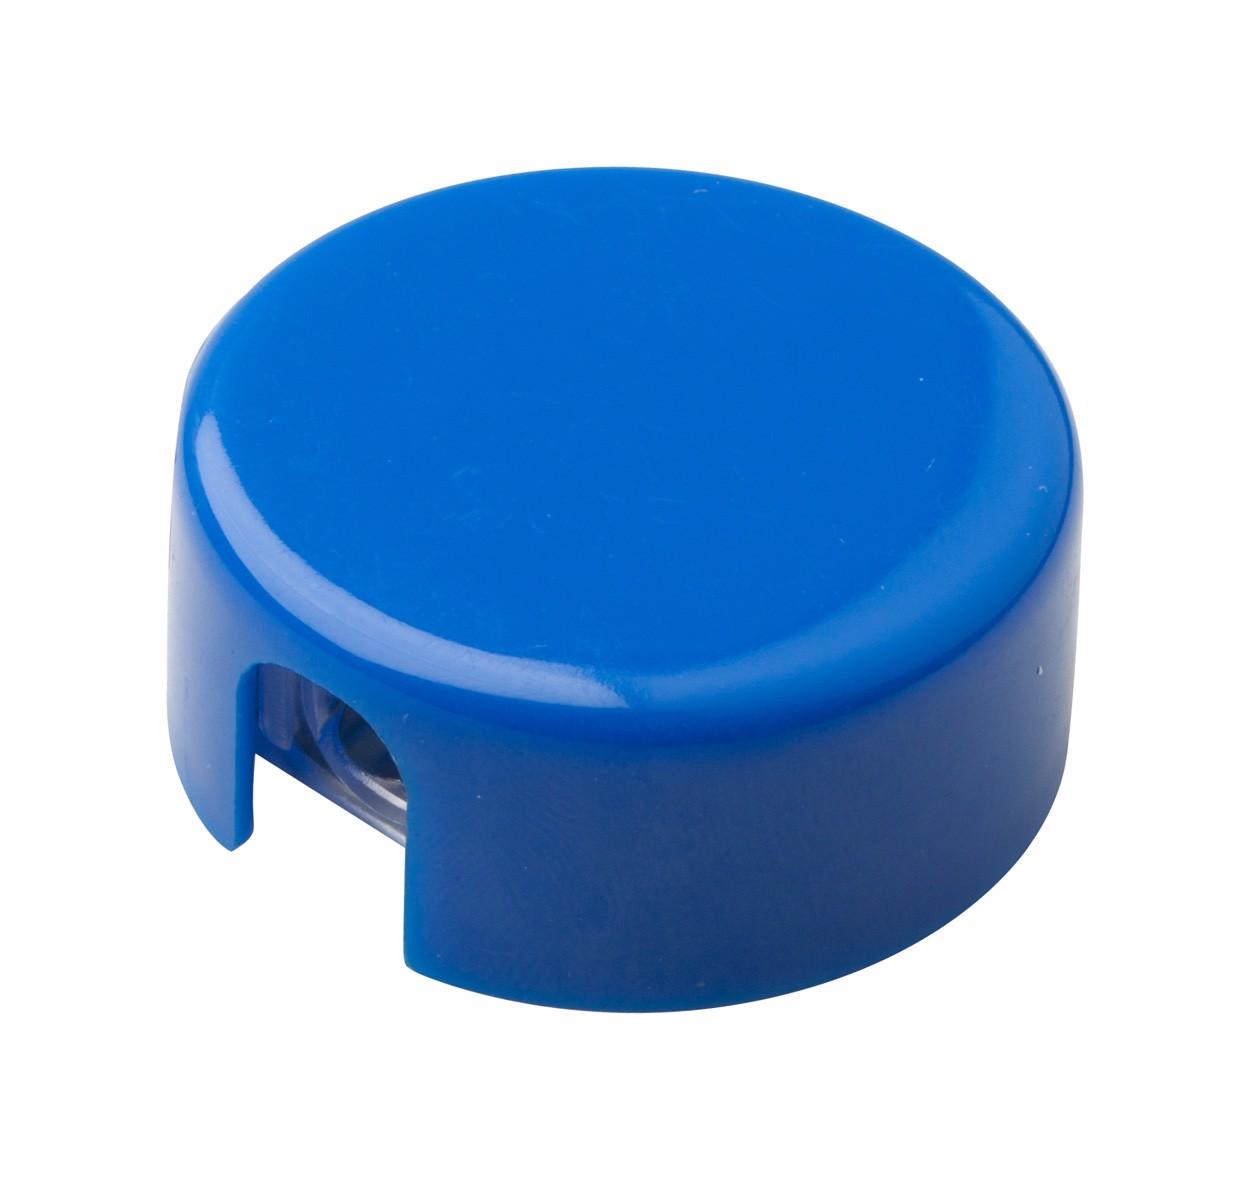 Ořezávátko Spiked - Modrá